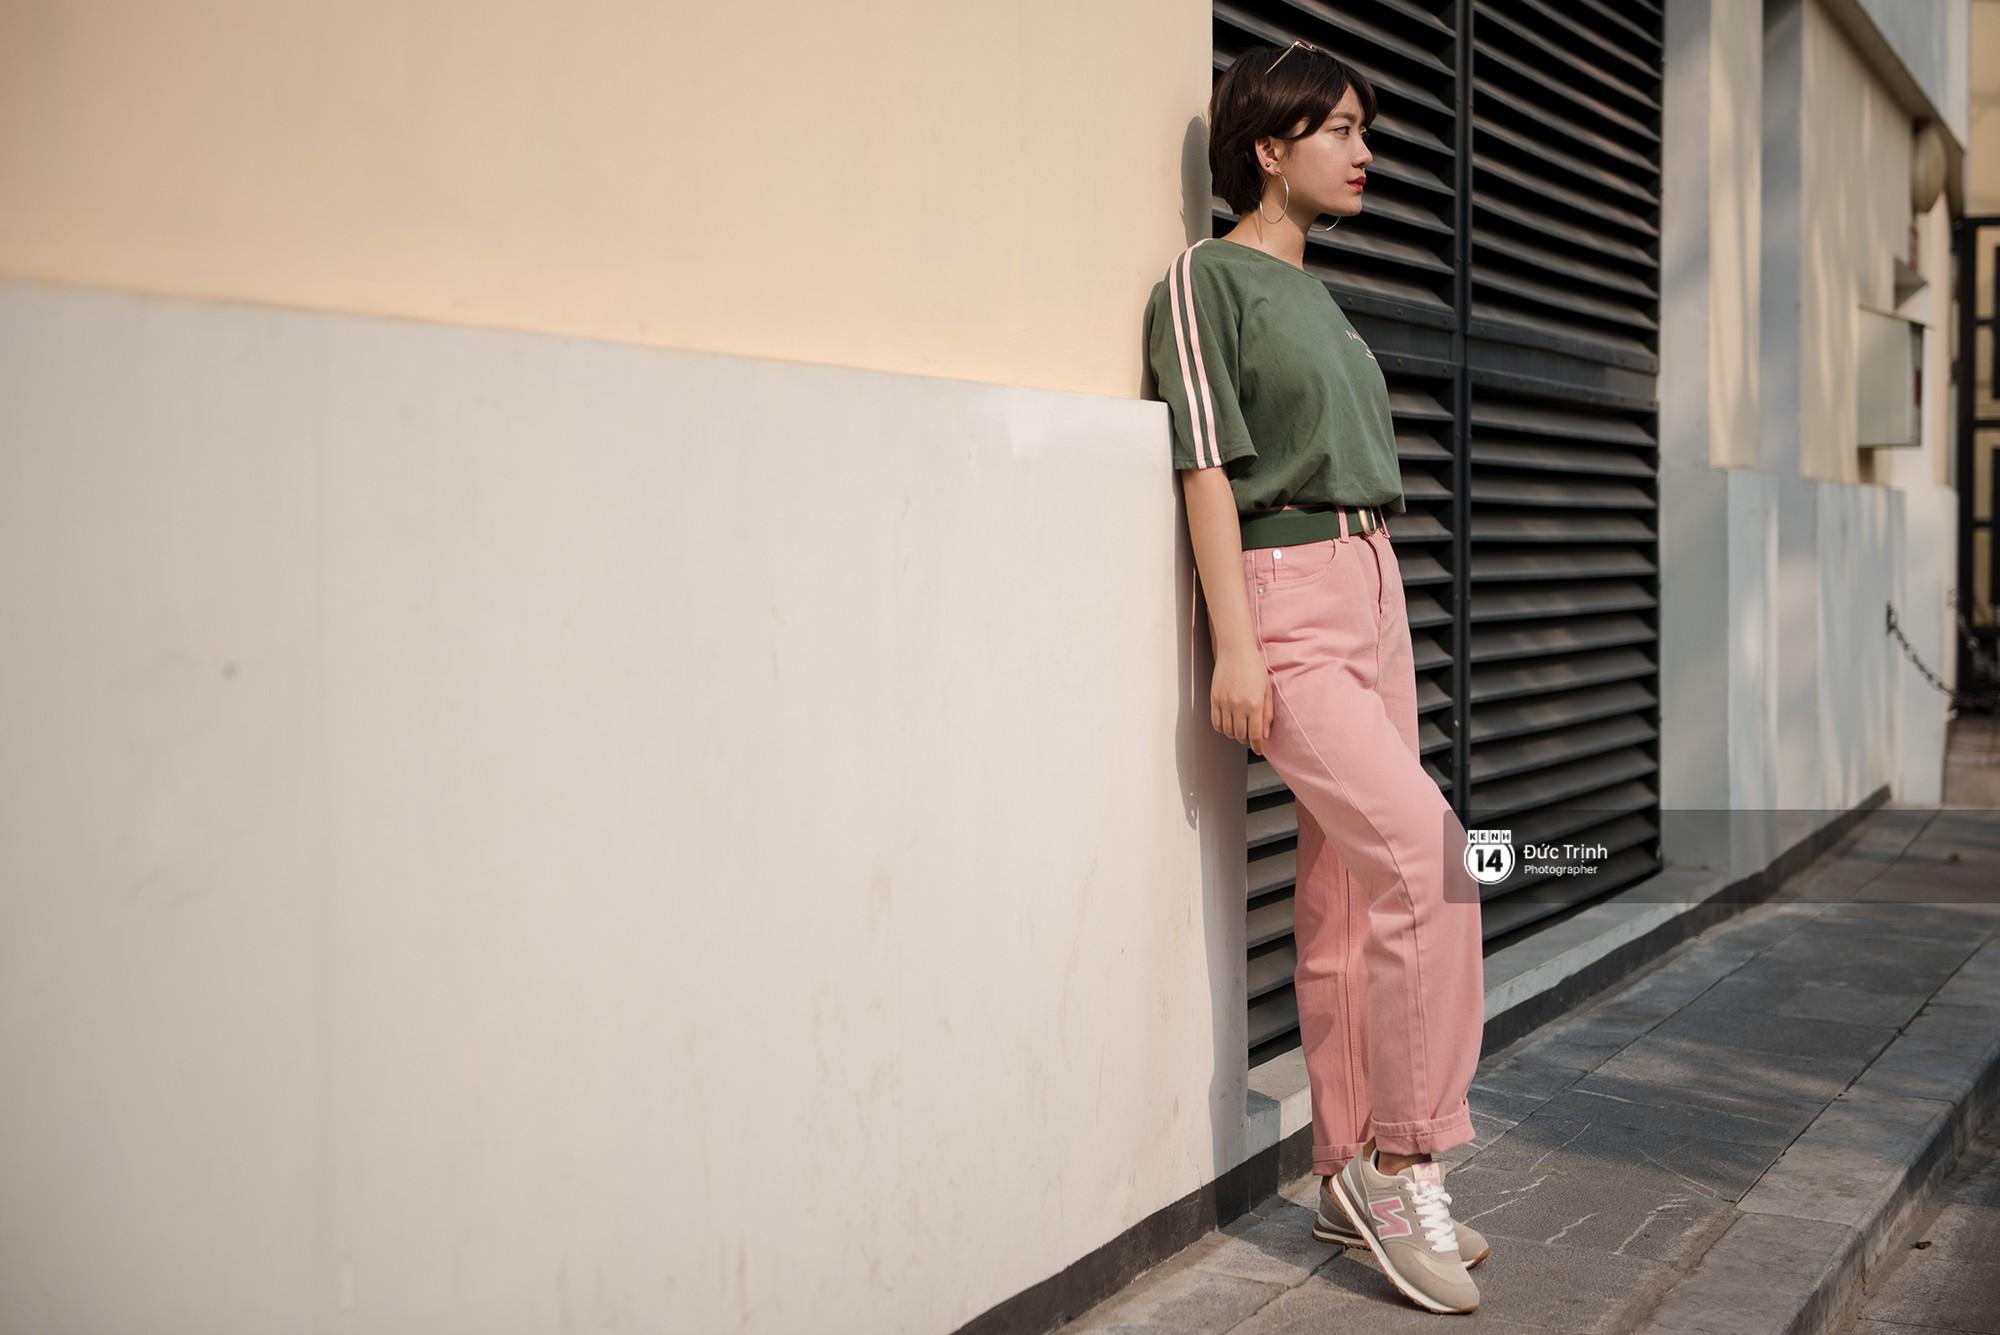 Street style 2 miền: Bên cạnh những món đồ hot trend, diện đồ đôi chính là chiêu mới để các bạn trẻ thể hiện phong cách - Ảnh 5.